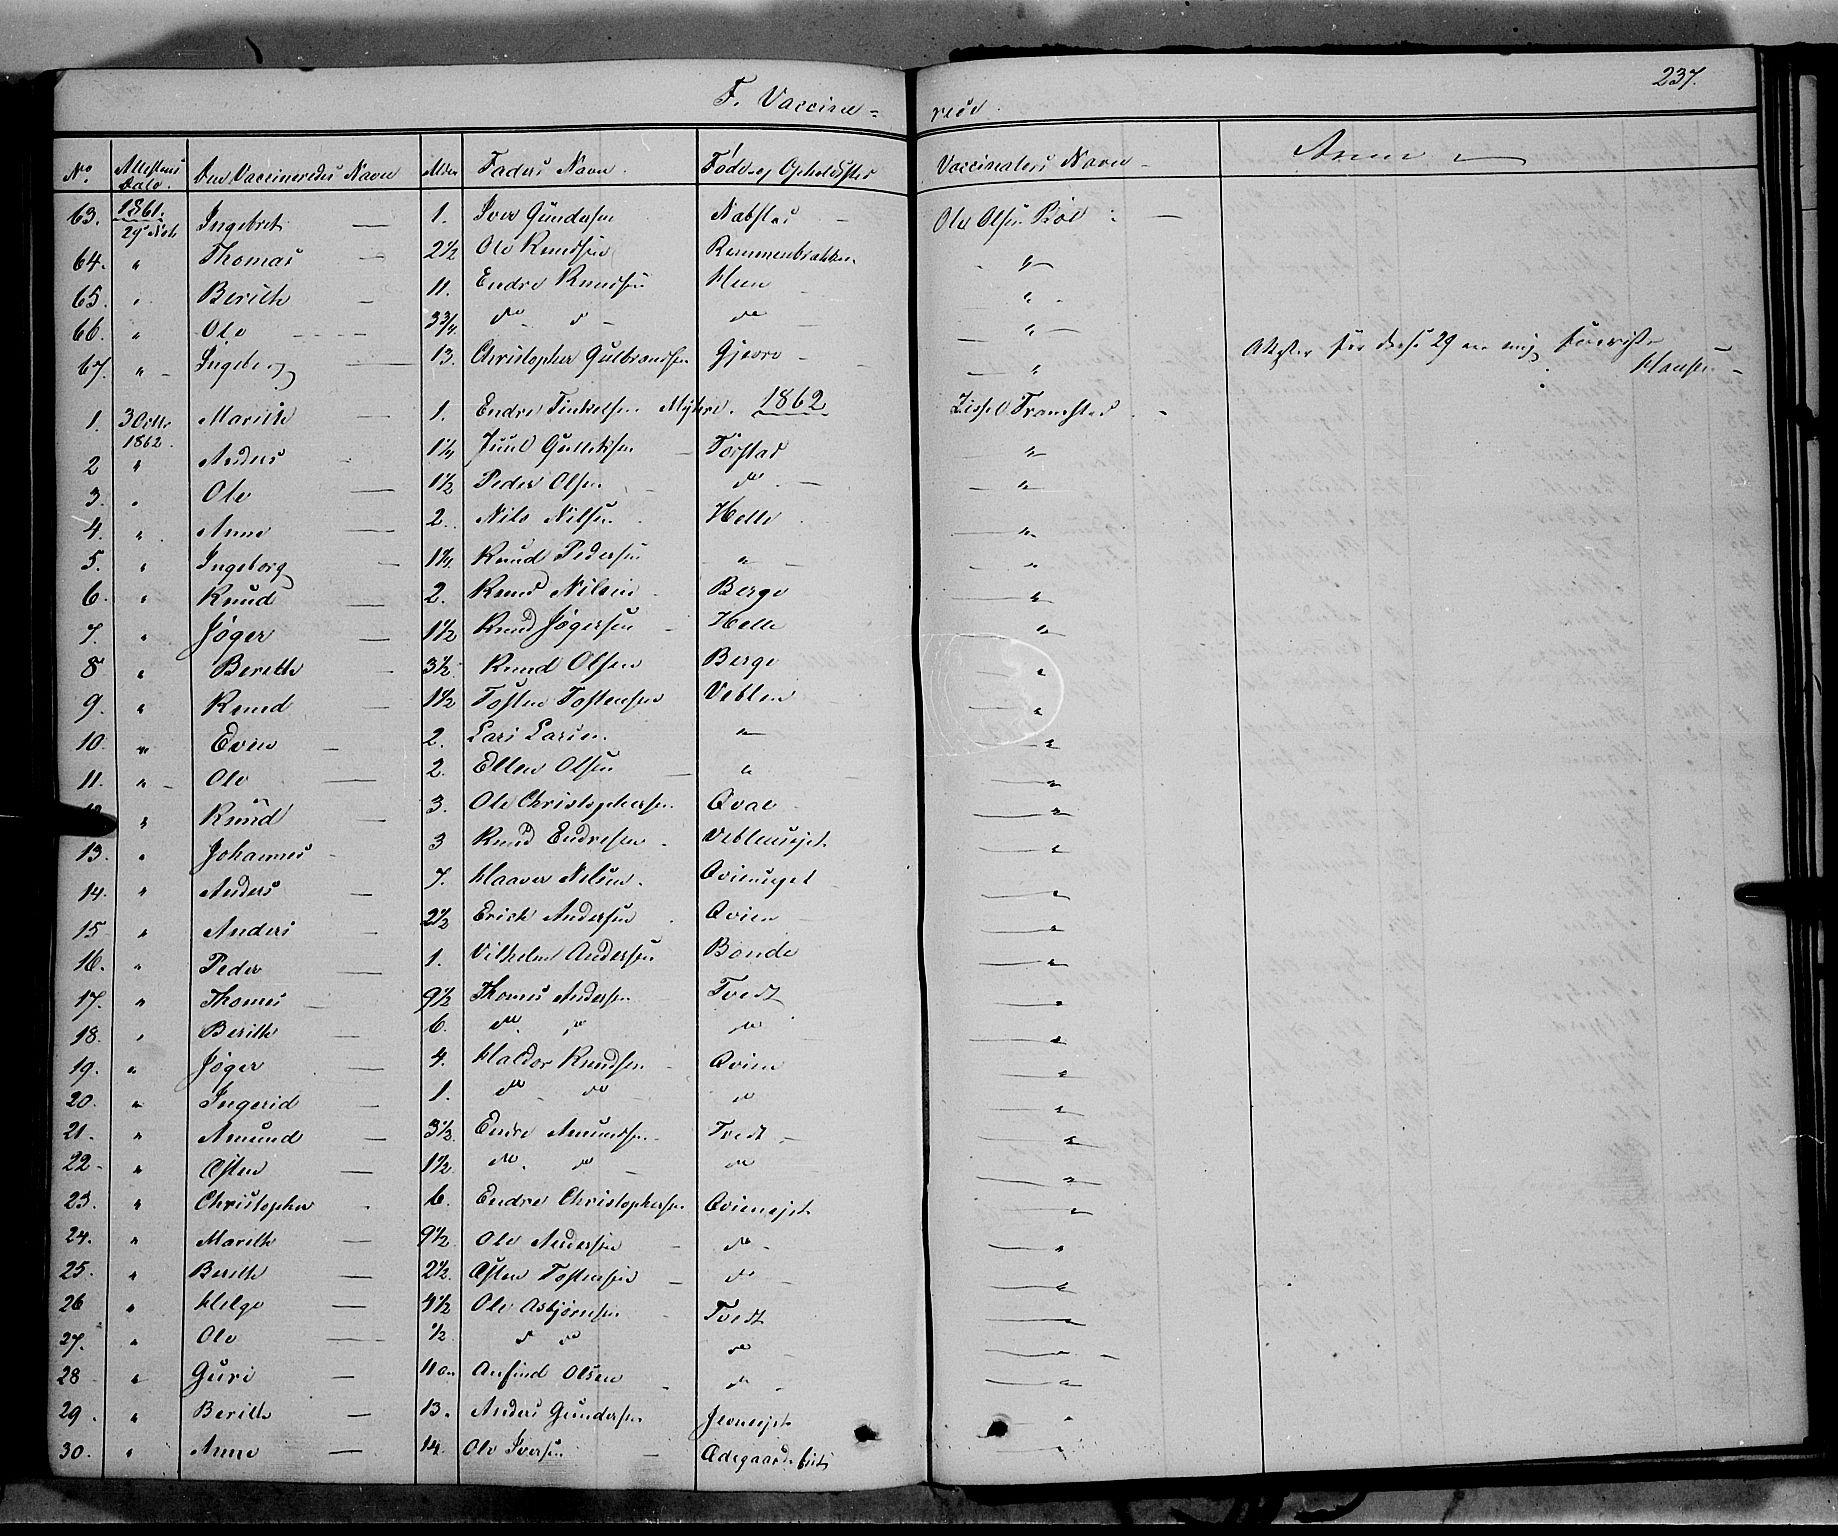 SAH, Vang prestekontor, Valdres, Ministerialbok nr. 6, 1846-1864, s. 237